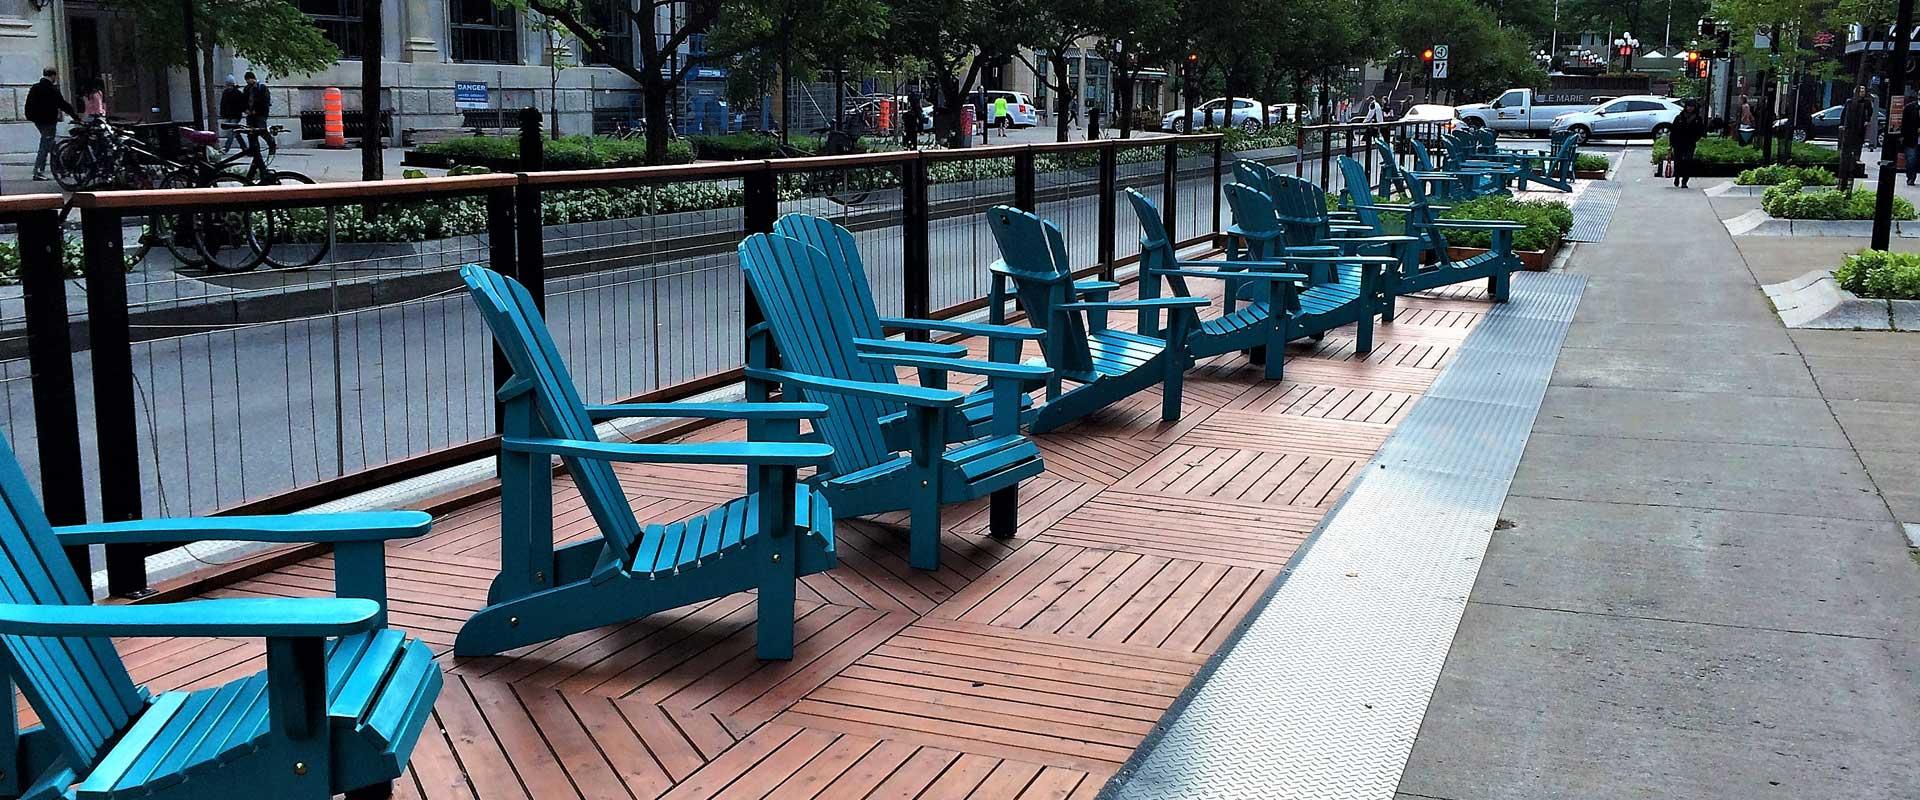 chaises adirondack et meubles d 39 ext rieur en bois de c dre. Black Bedroom Furniture Sets. Home Design Ideas